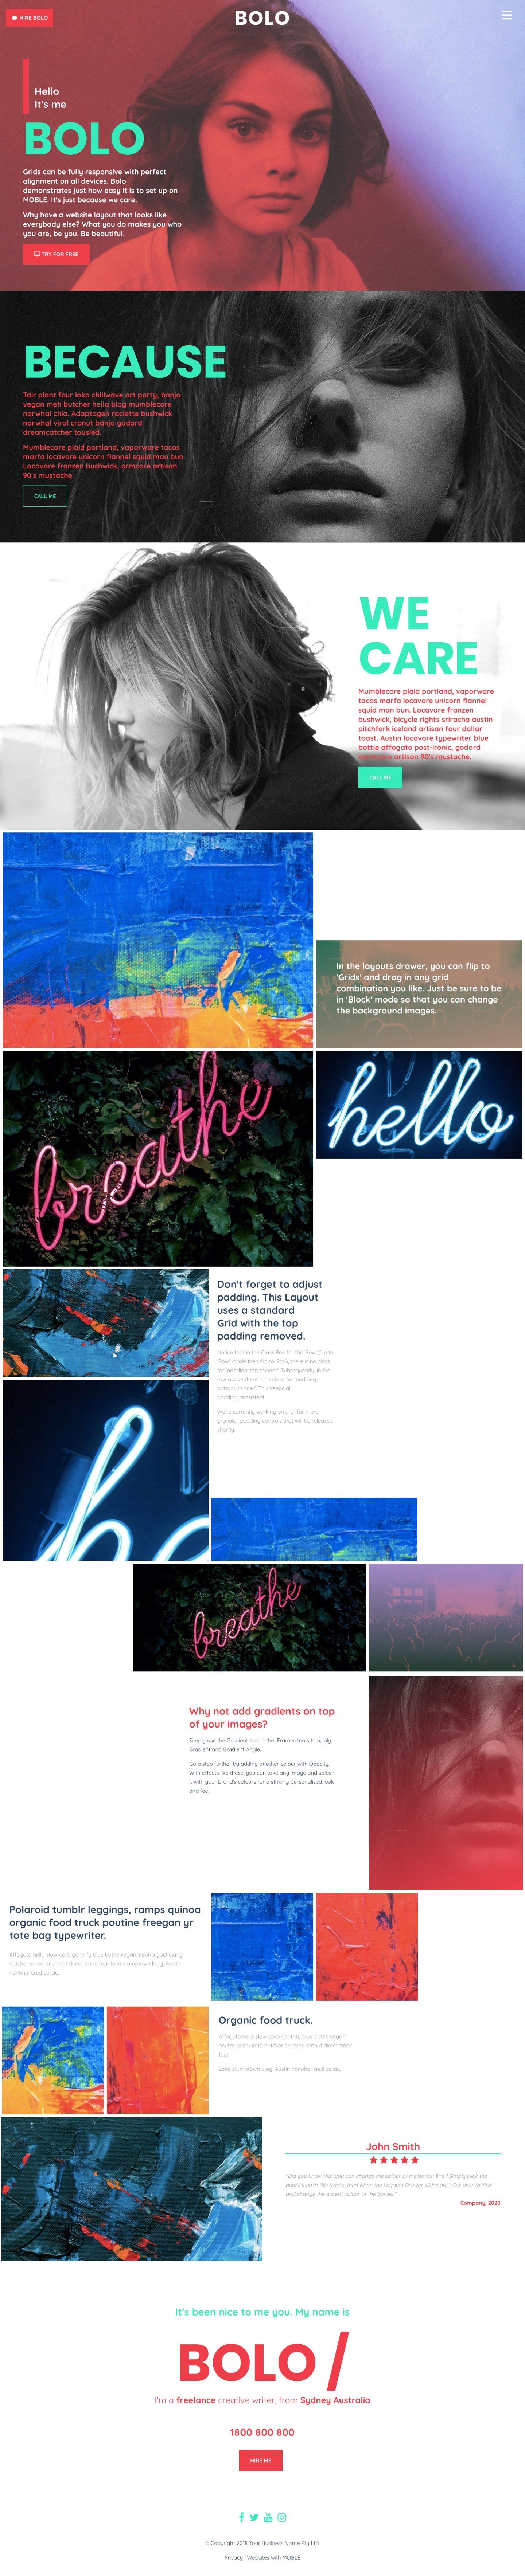 Bolo Website